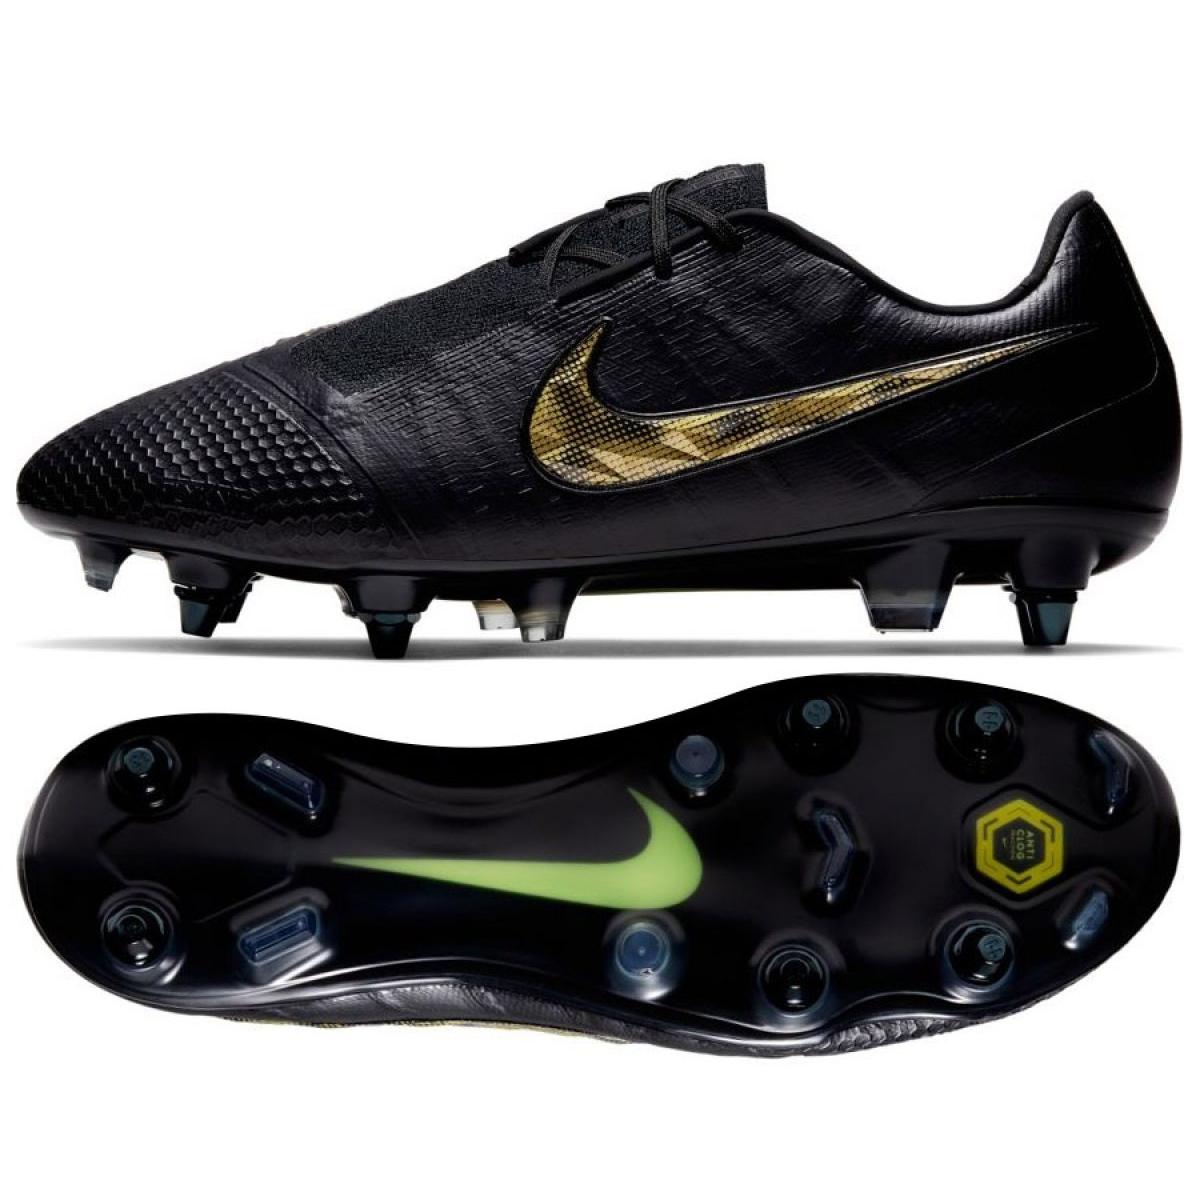 Botas de futebol Nike Phantom Venom Elite Sg Pro Ac M AO0575 077 preto preto